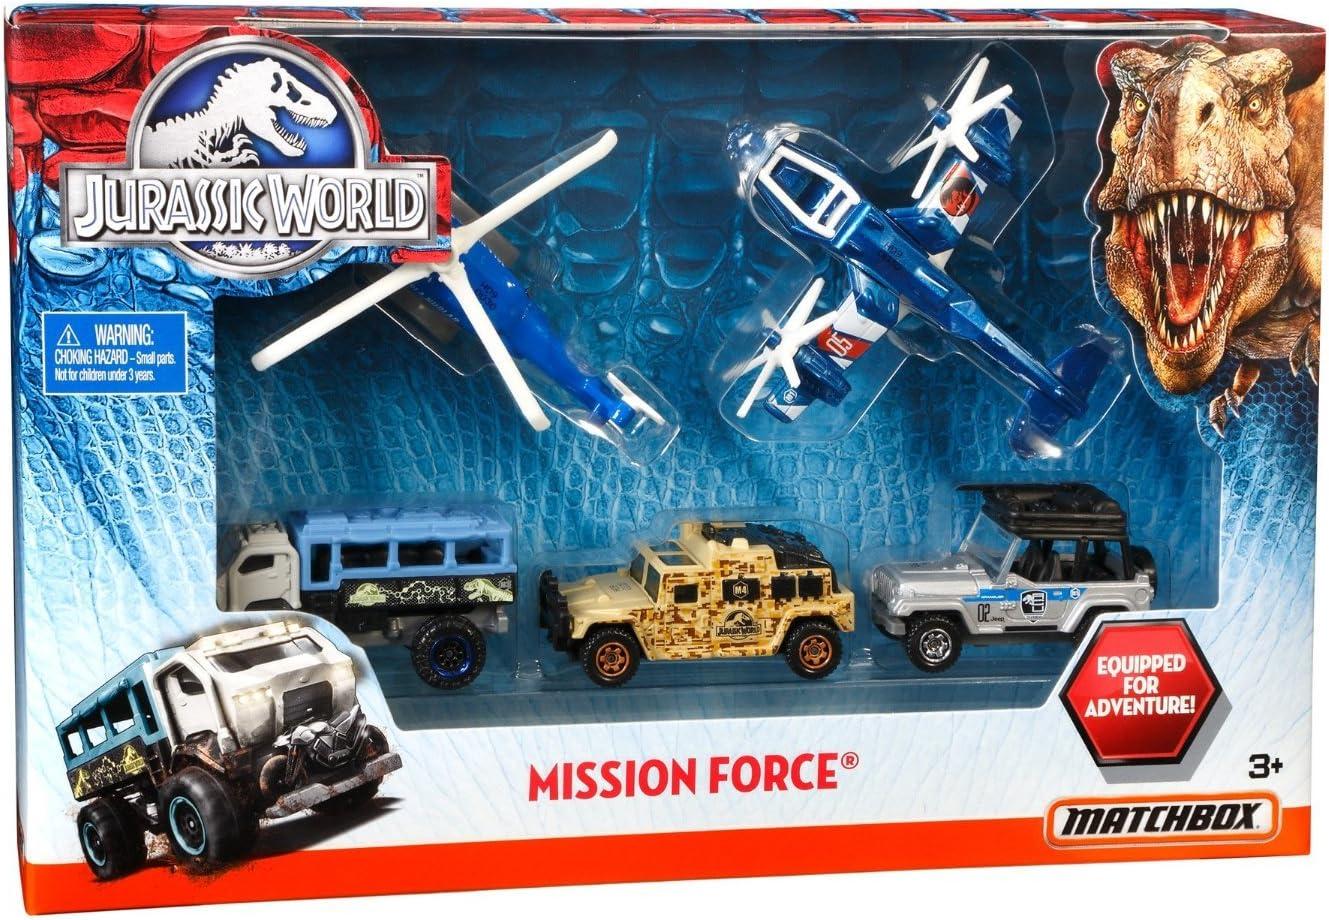 Matchbox Mattel DFW20 Jurassic World vehículos misión Especial: Amazon.es: Juguetes y juegos